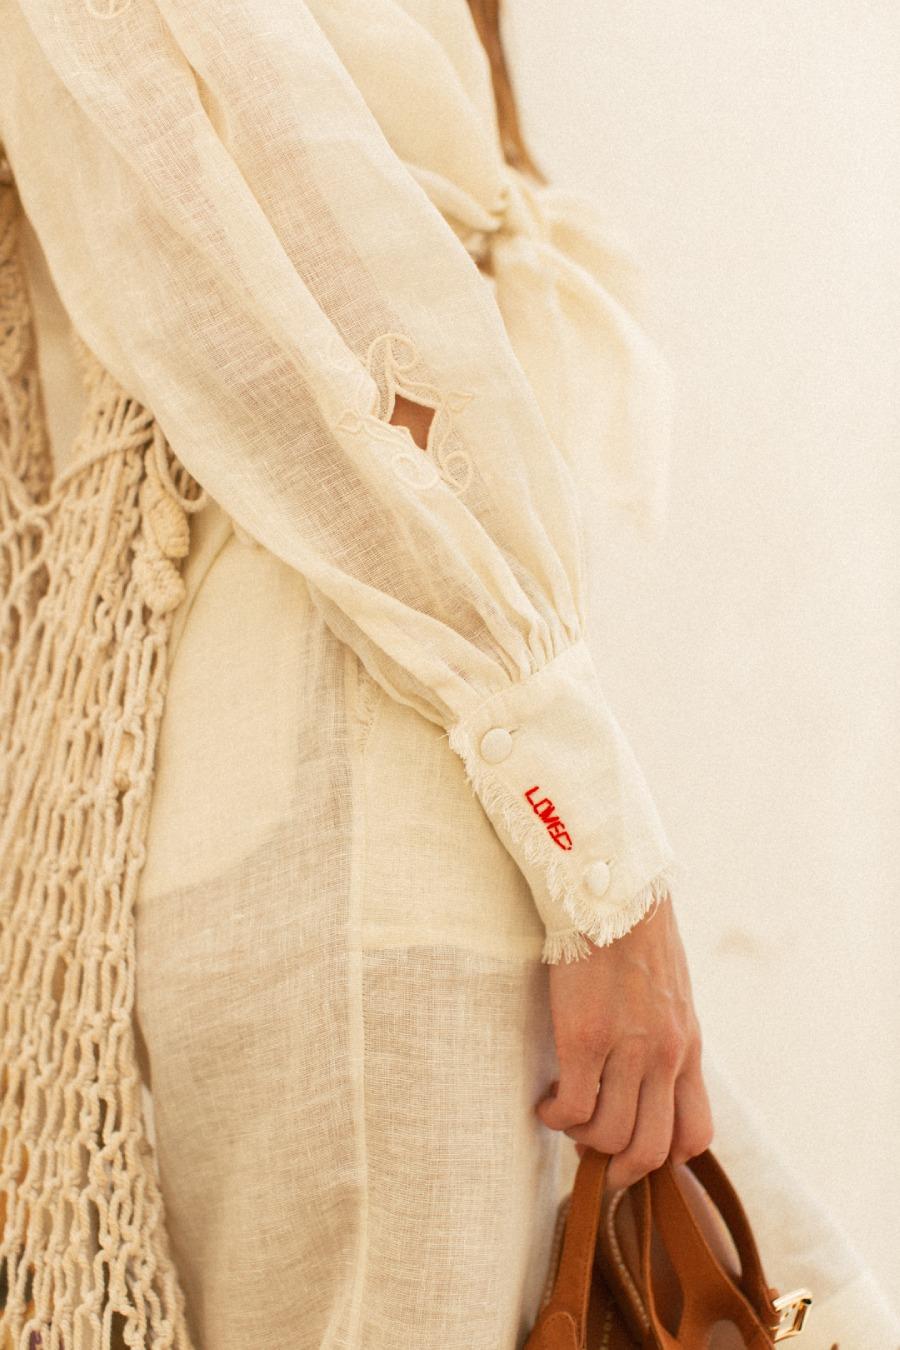 Элла Кандыба стала лицом новой летней коллекции Atelier Handmade